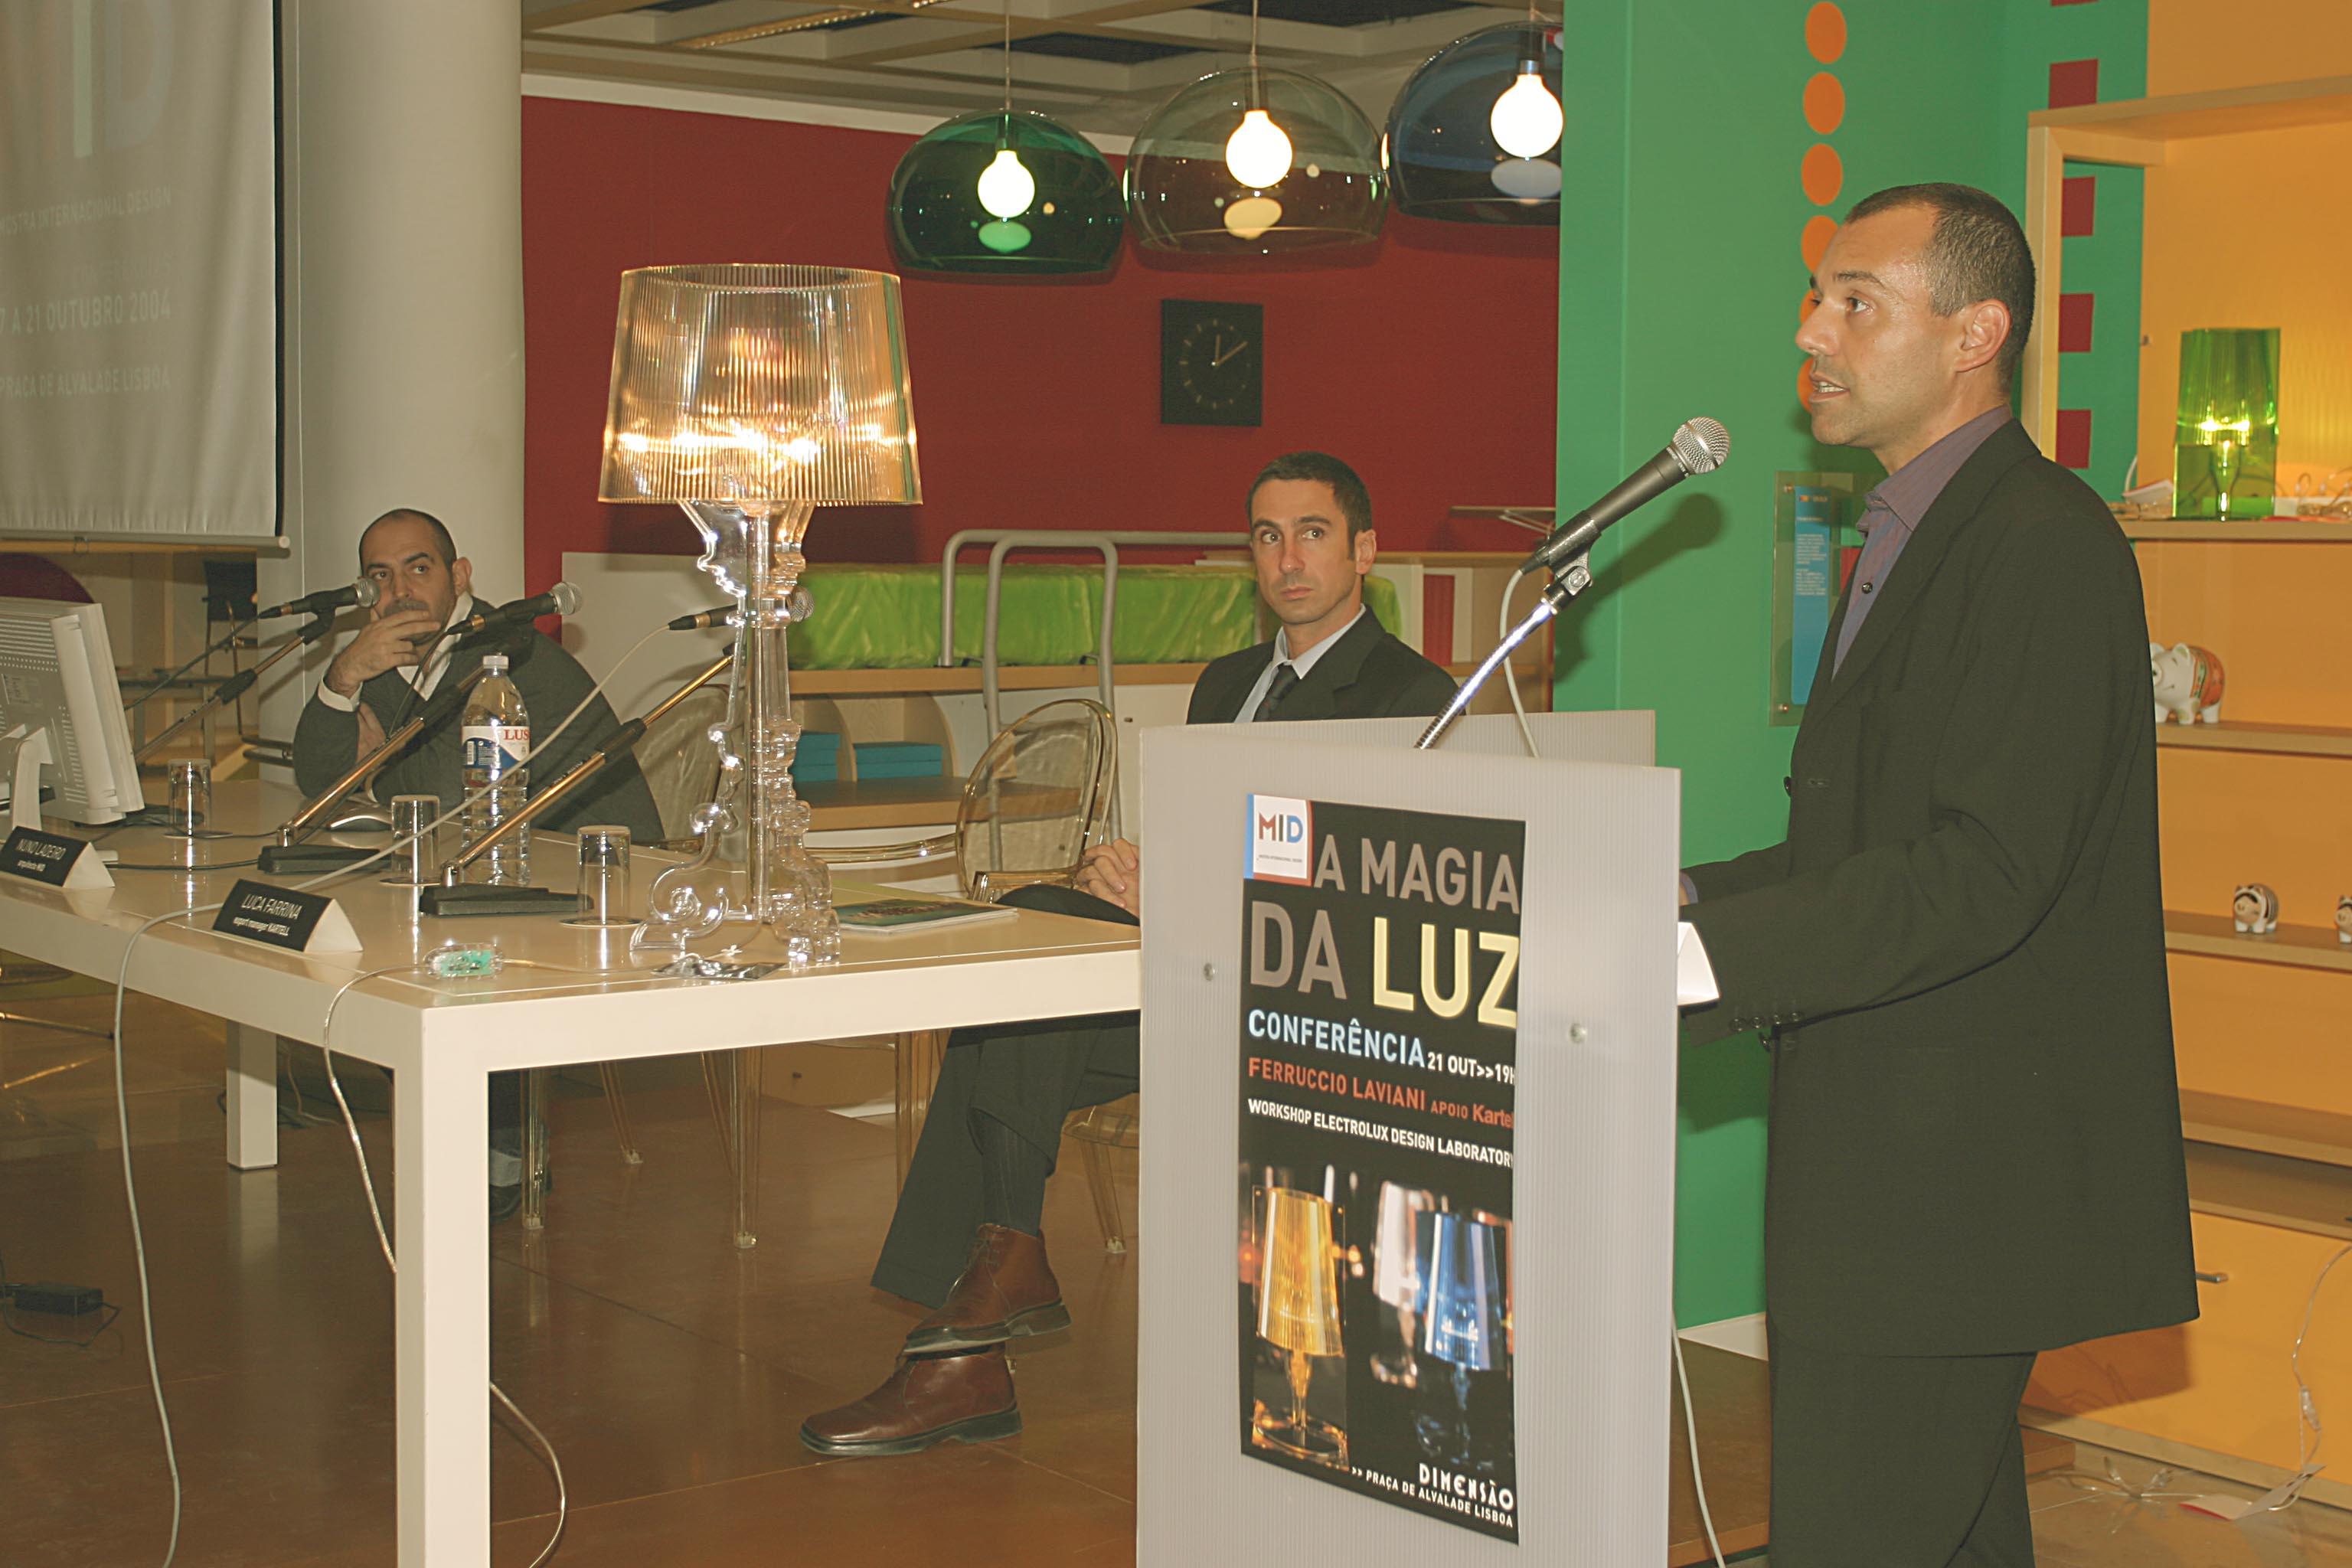 Conferência com Ferruccio Laviani